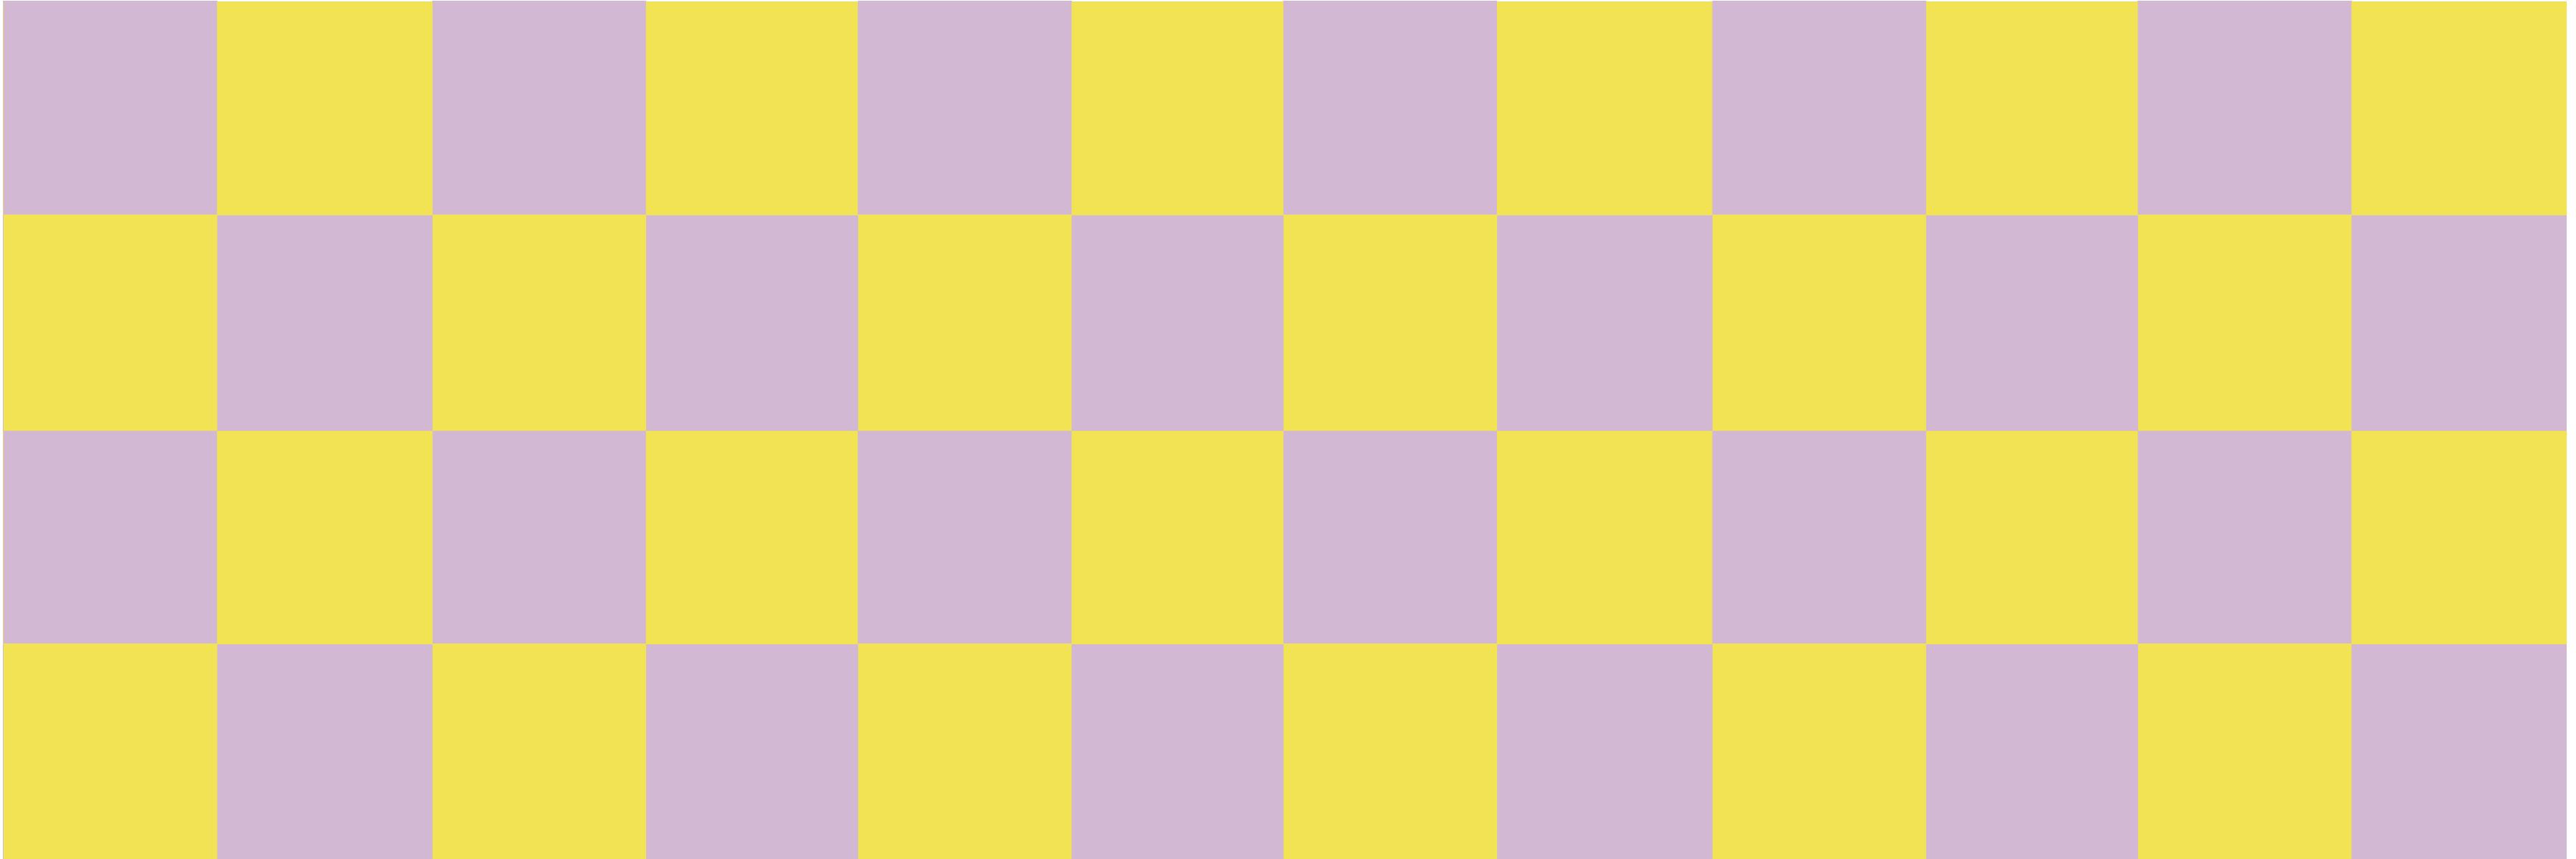 aq_block_2